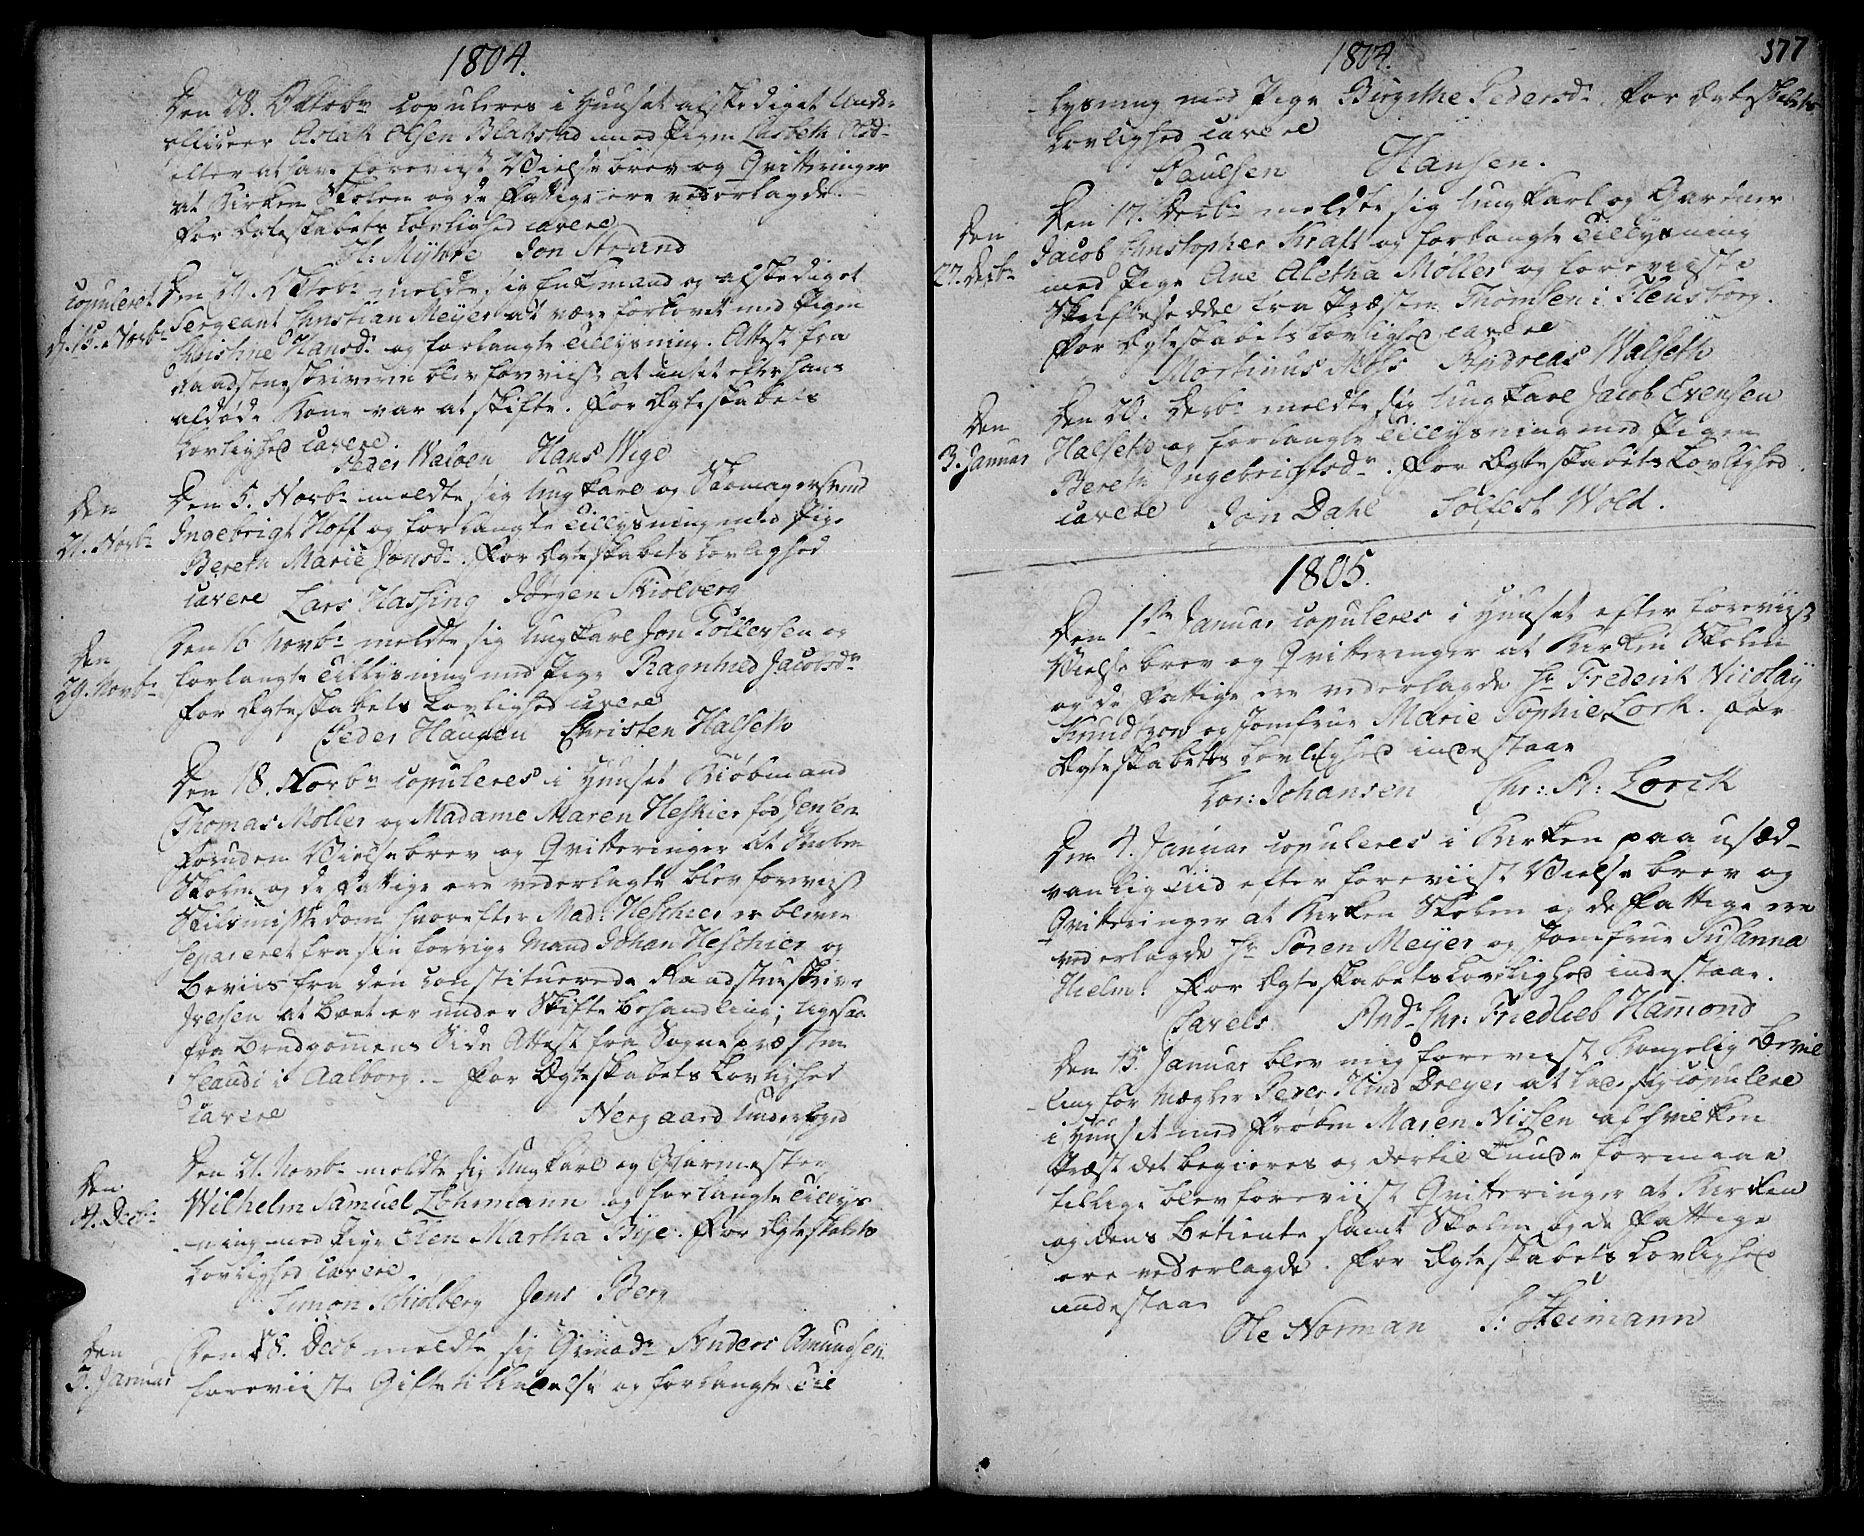 SAT, Ministerialprotokoller, klokkerbøker og fødselsregistre - Sør-Trøndelag, 601/L0038: Ministerialbok nr. 601A06, 1766-1877, s. 377